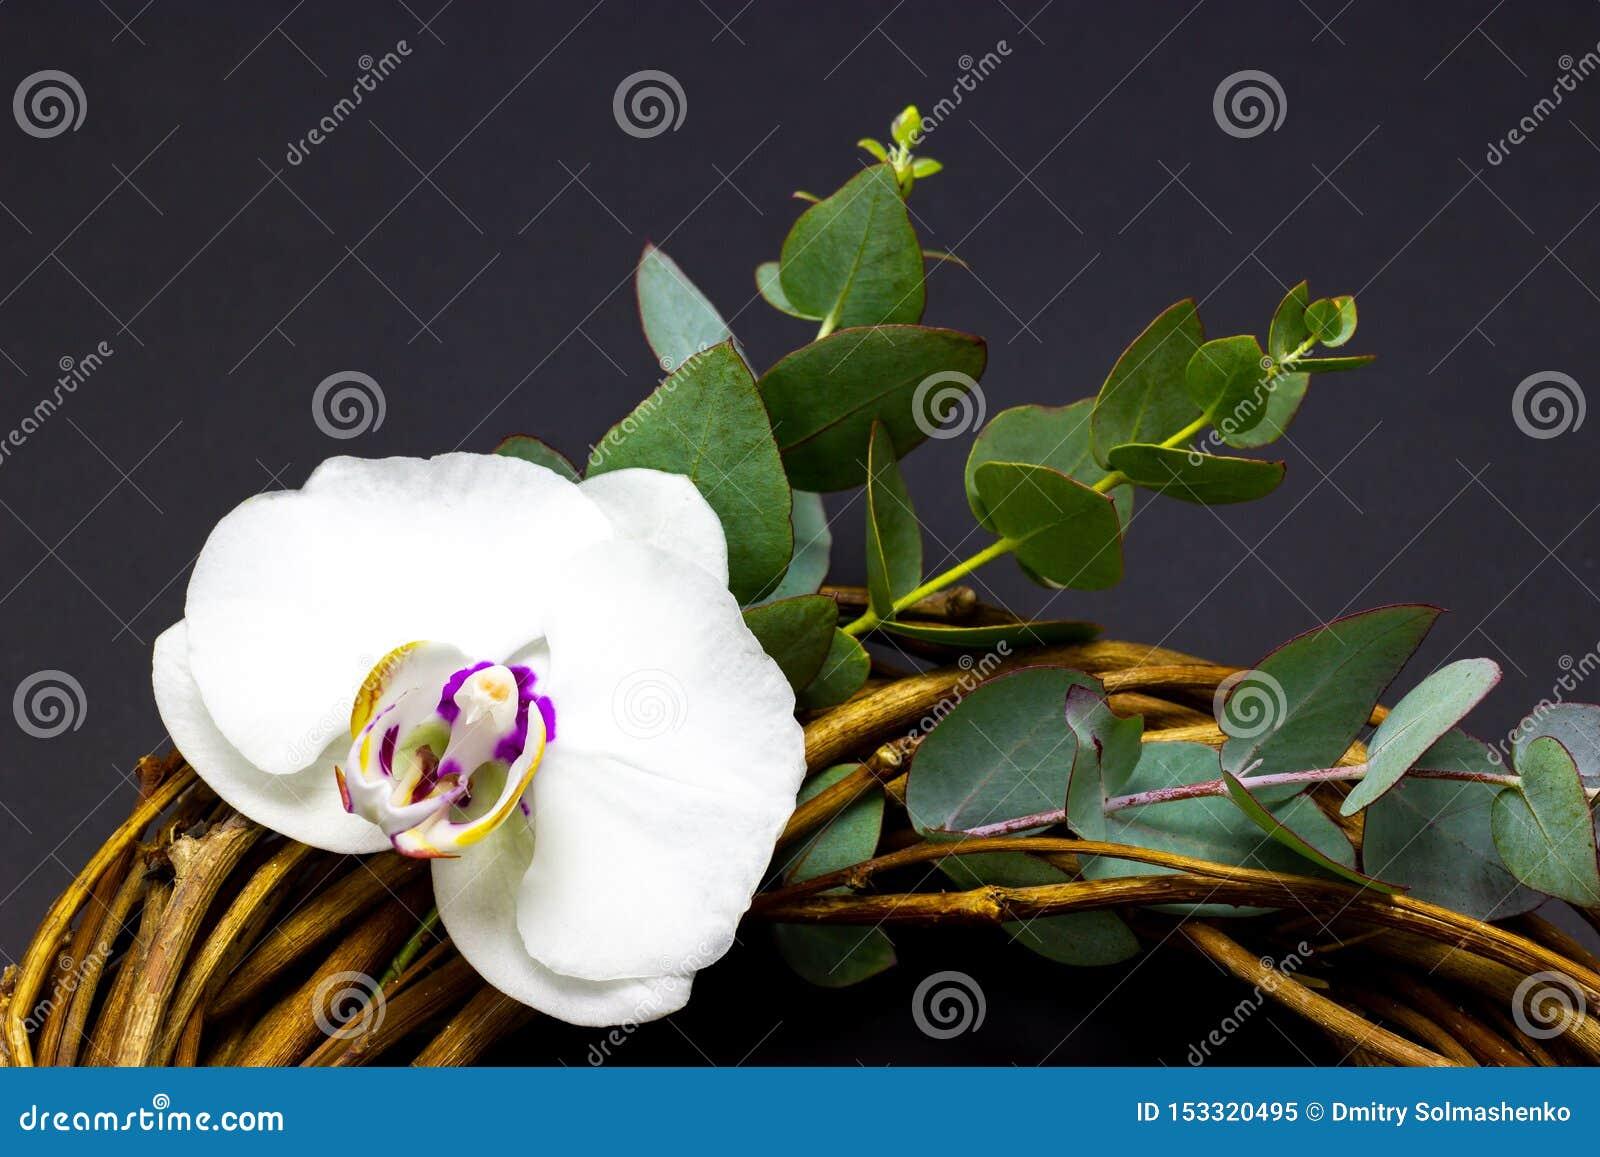 Διακοσμητικό στρογγυλό στεφάνι με τα λουλούδια ορχιδεών και ευκάλυπτος σε ένα σκοτεινό υπόβαθρο